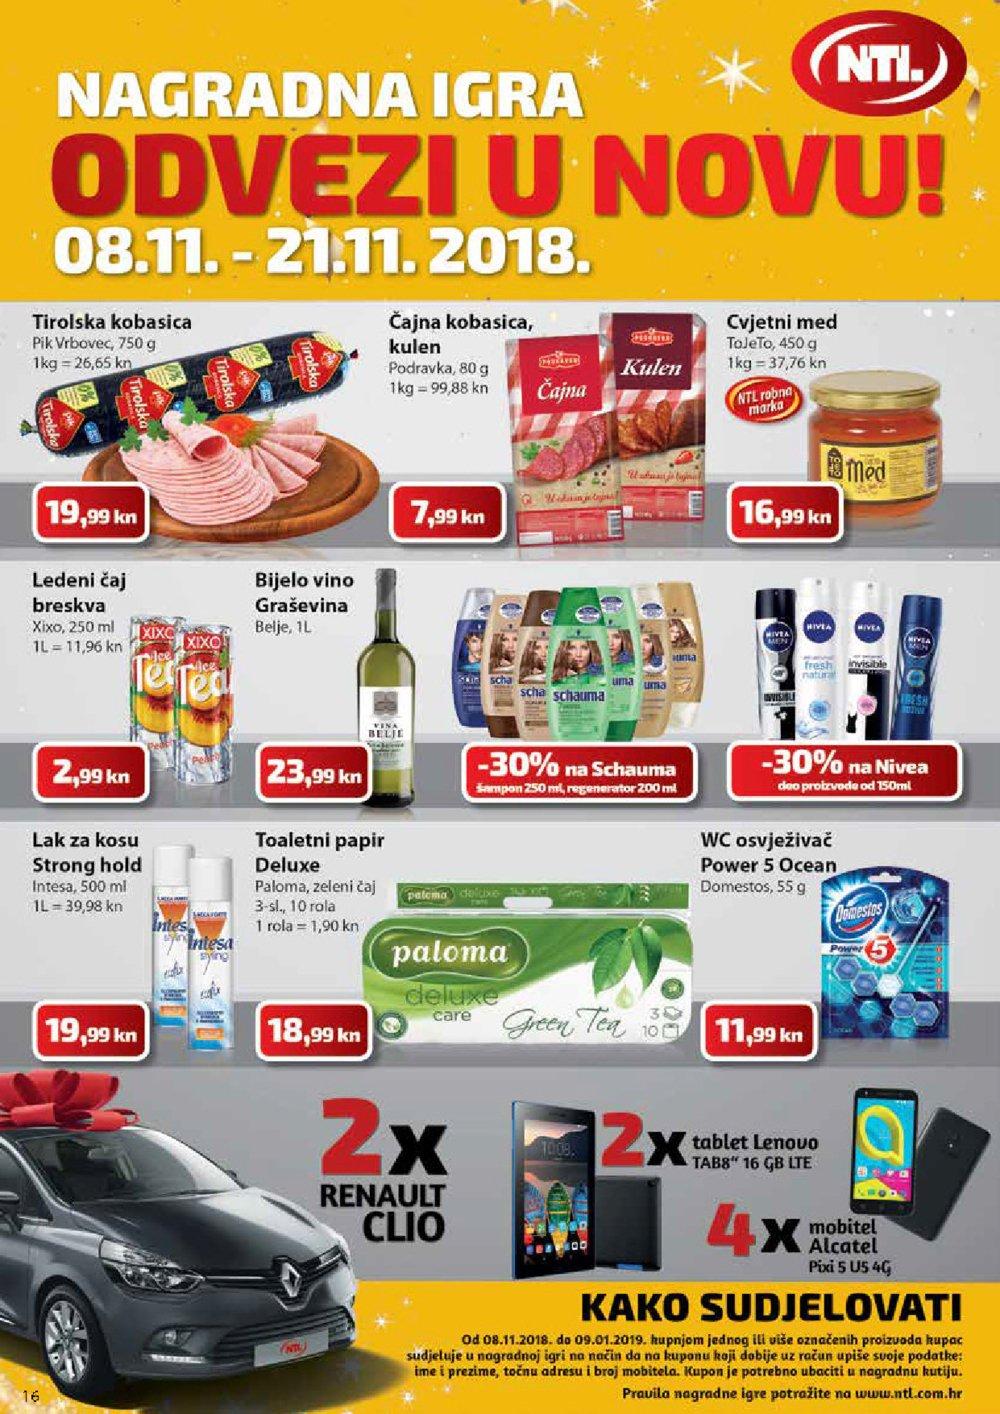 NTL katalog Akcija 08.11.2018.-14.01.2019. u pojedinim prodajnim mjestima